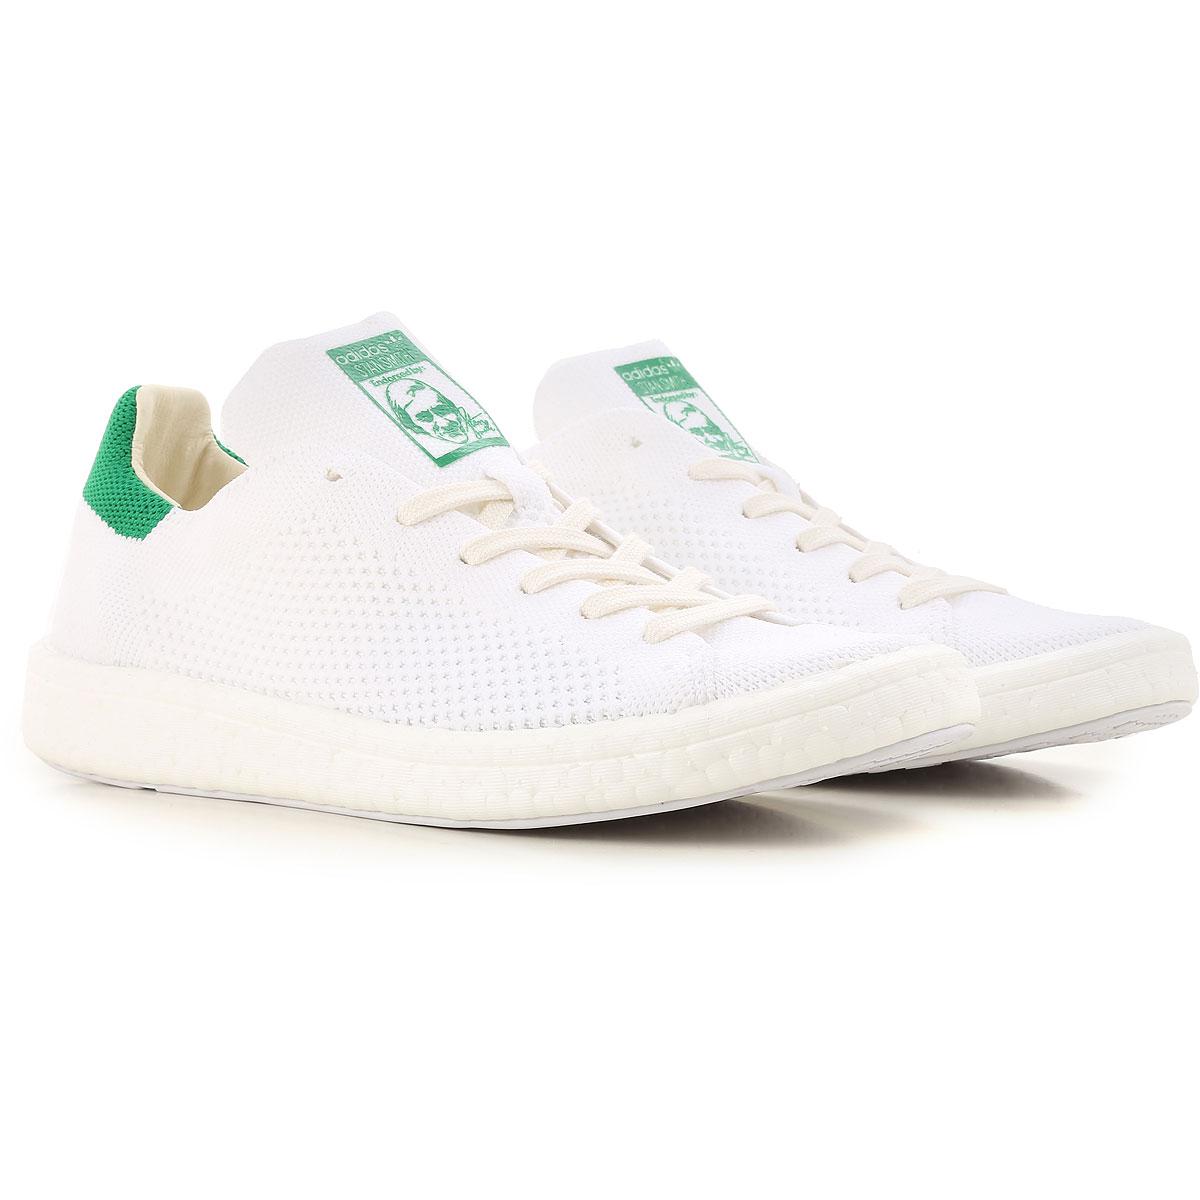 Adidas bayan spor ayakkabı 2019